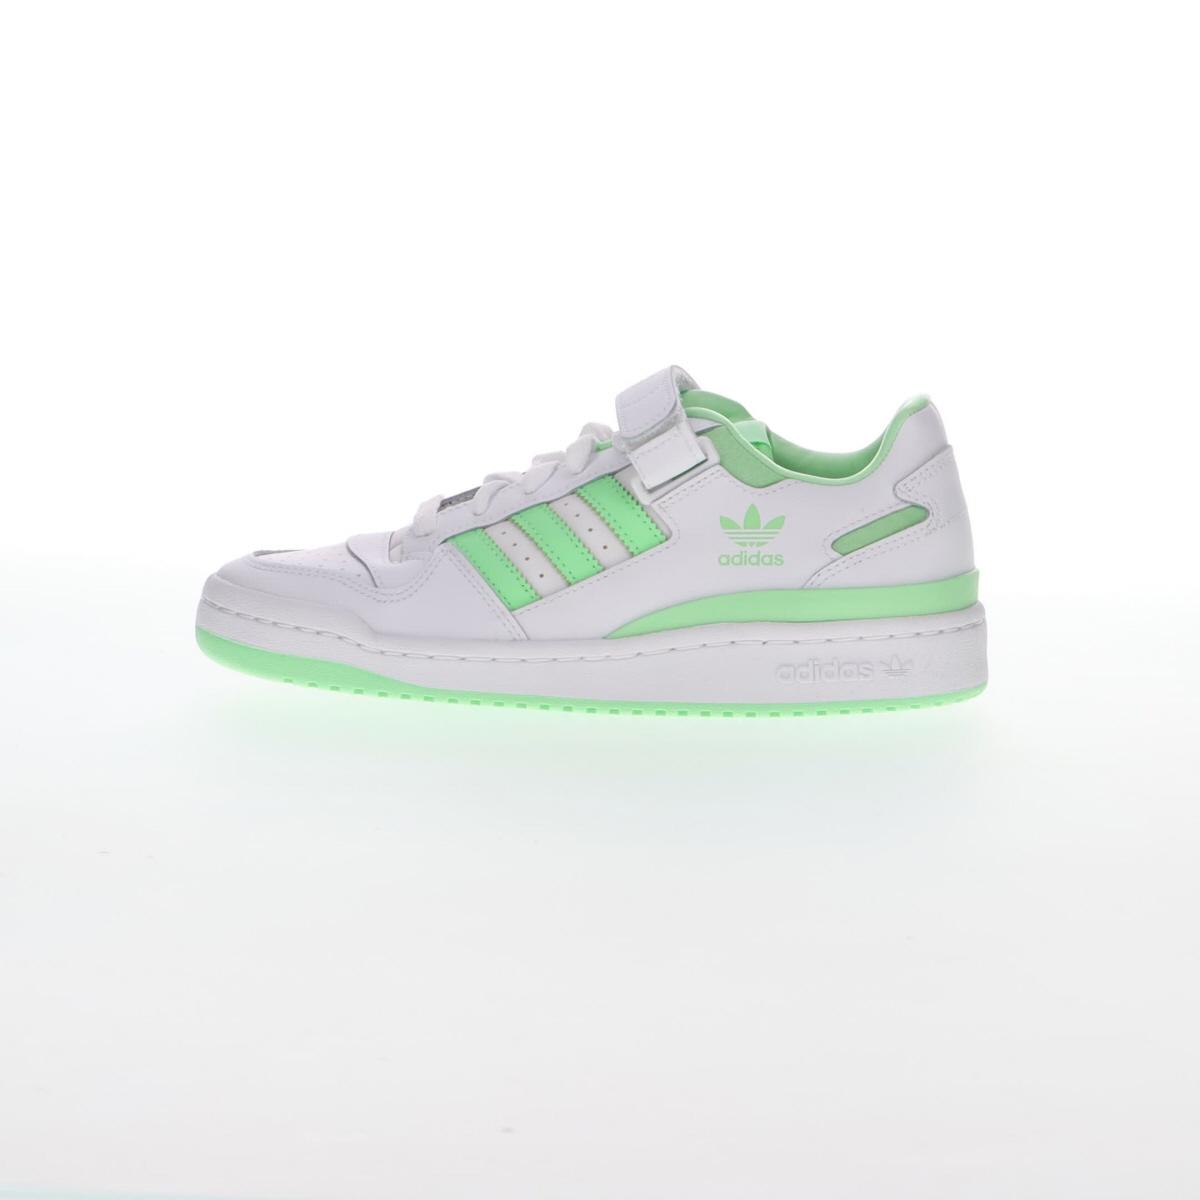 green and white adidas gazelle black women